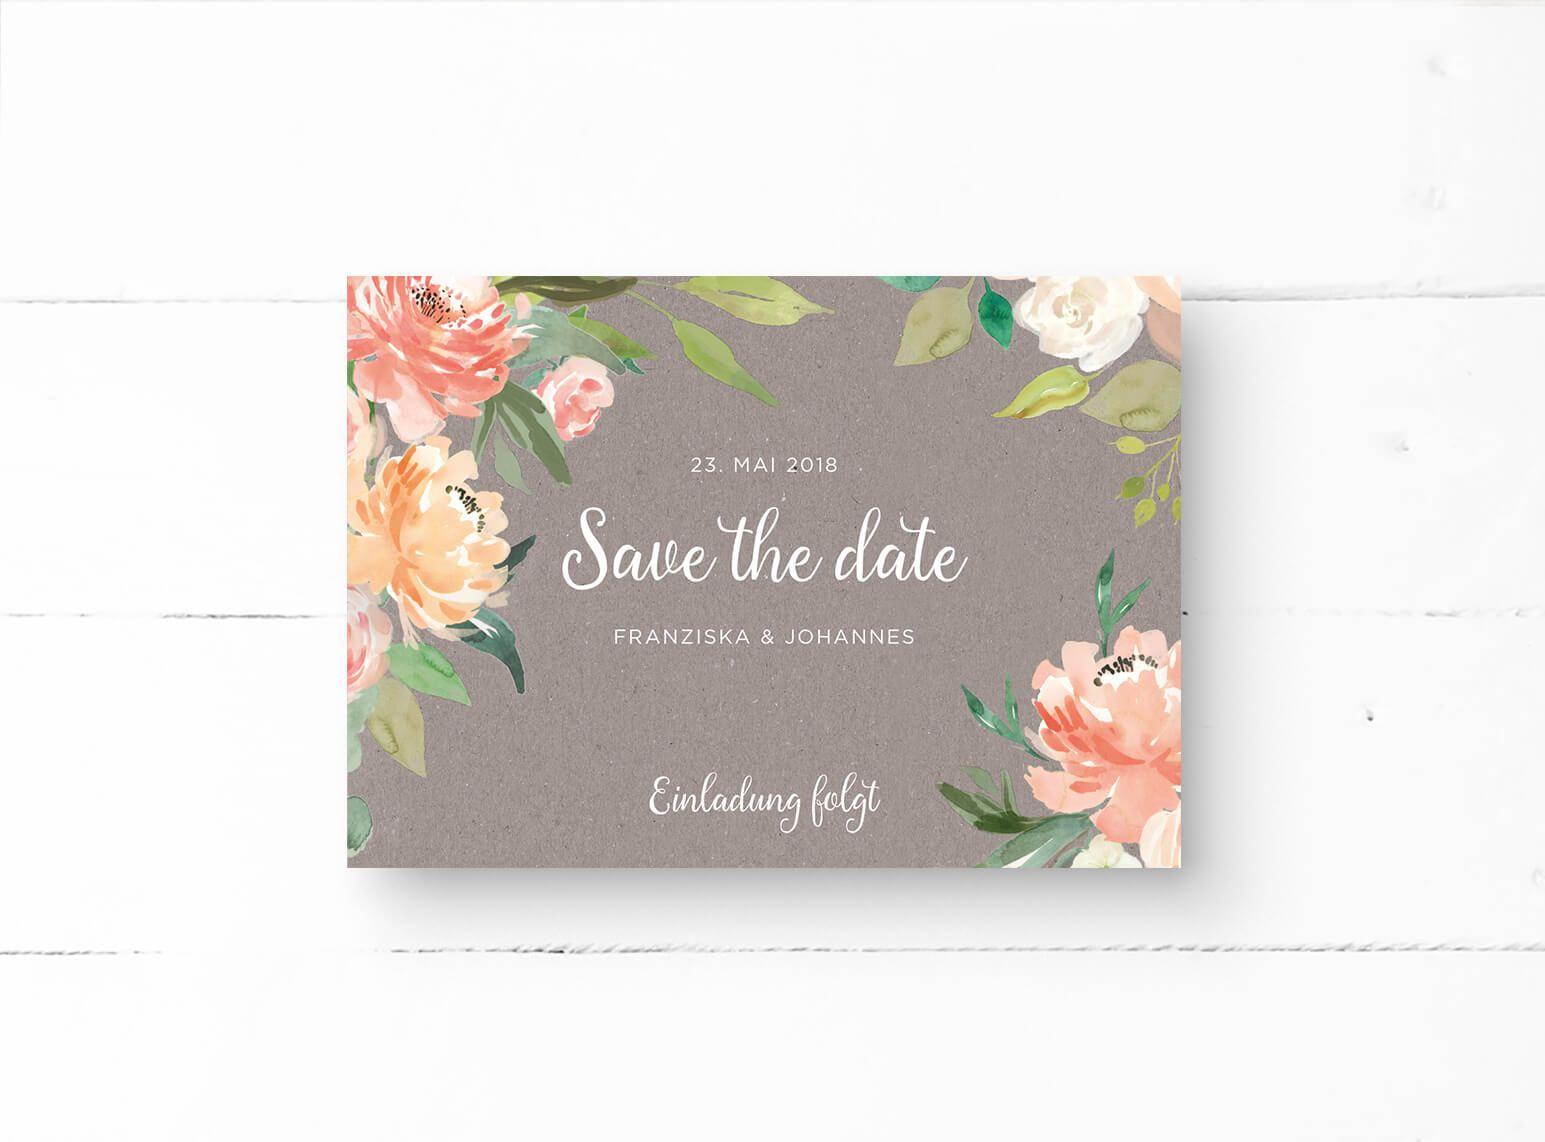 Save the date postkarte sparkle passend zur stilvoll festlichen hochzeit zart romantisch und